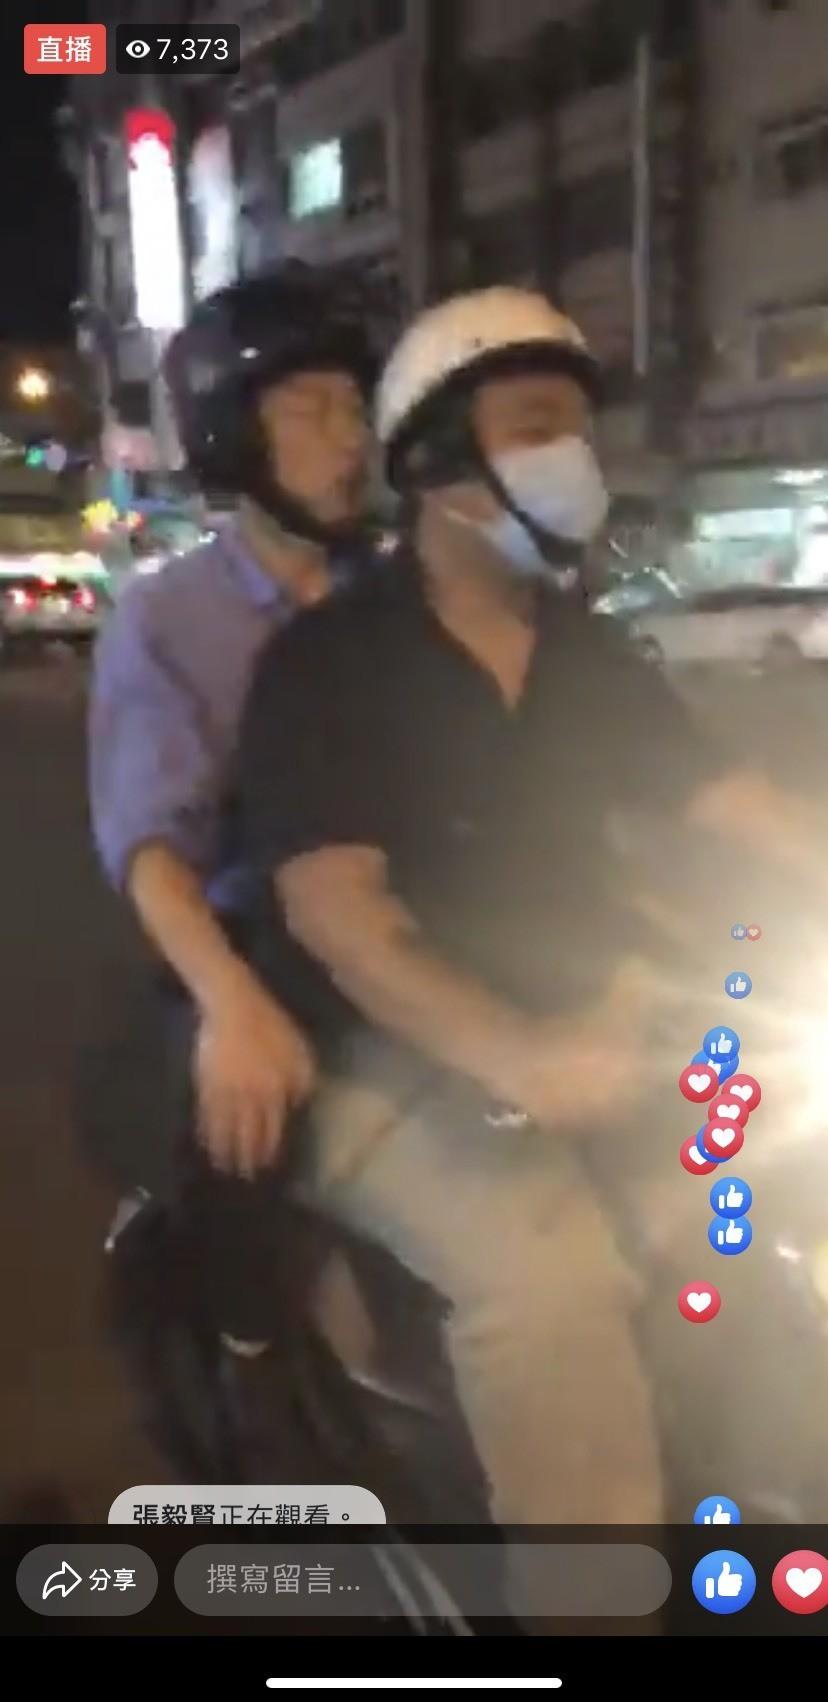 高雄市長韓國瑜20日晚間開直播,騎機車「檢查」建國路路平成果,戴著安全帽坐在機車...